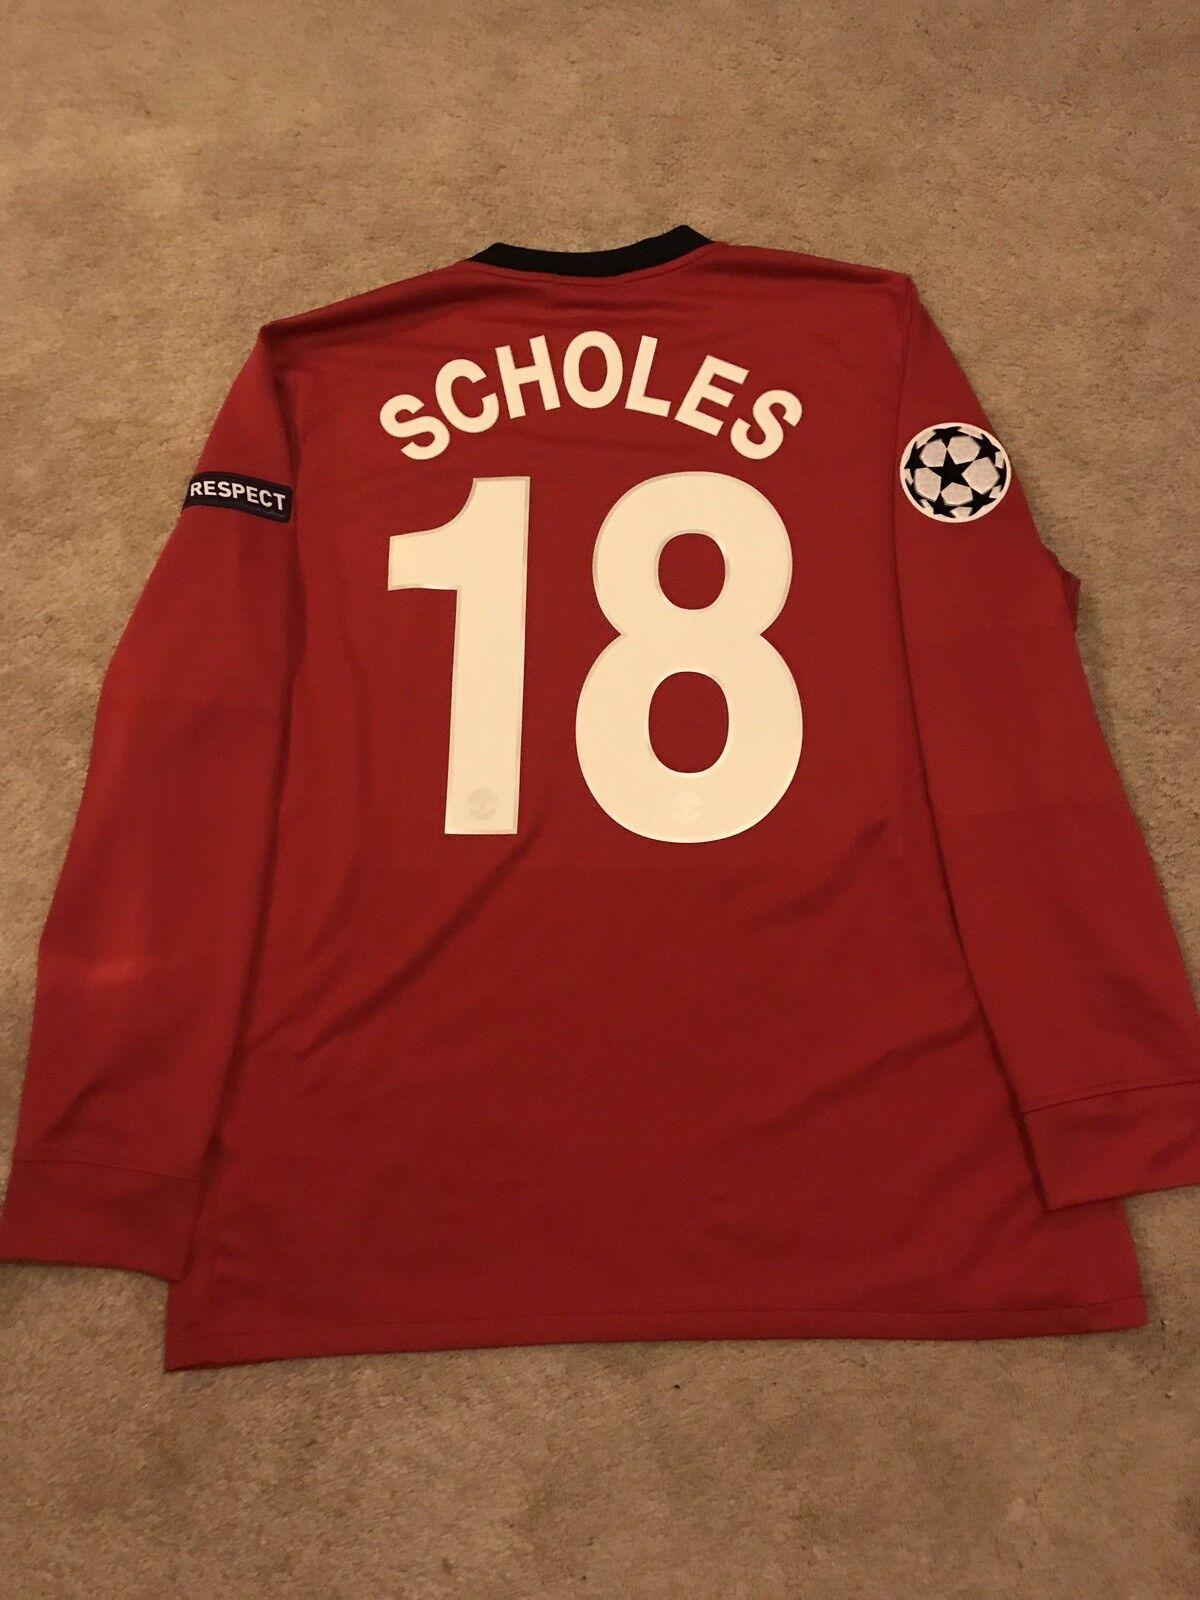 Manchester United Home Camicia 200910 adulto di grandi dimensioni L' 18 manica lunga